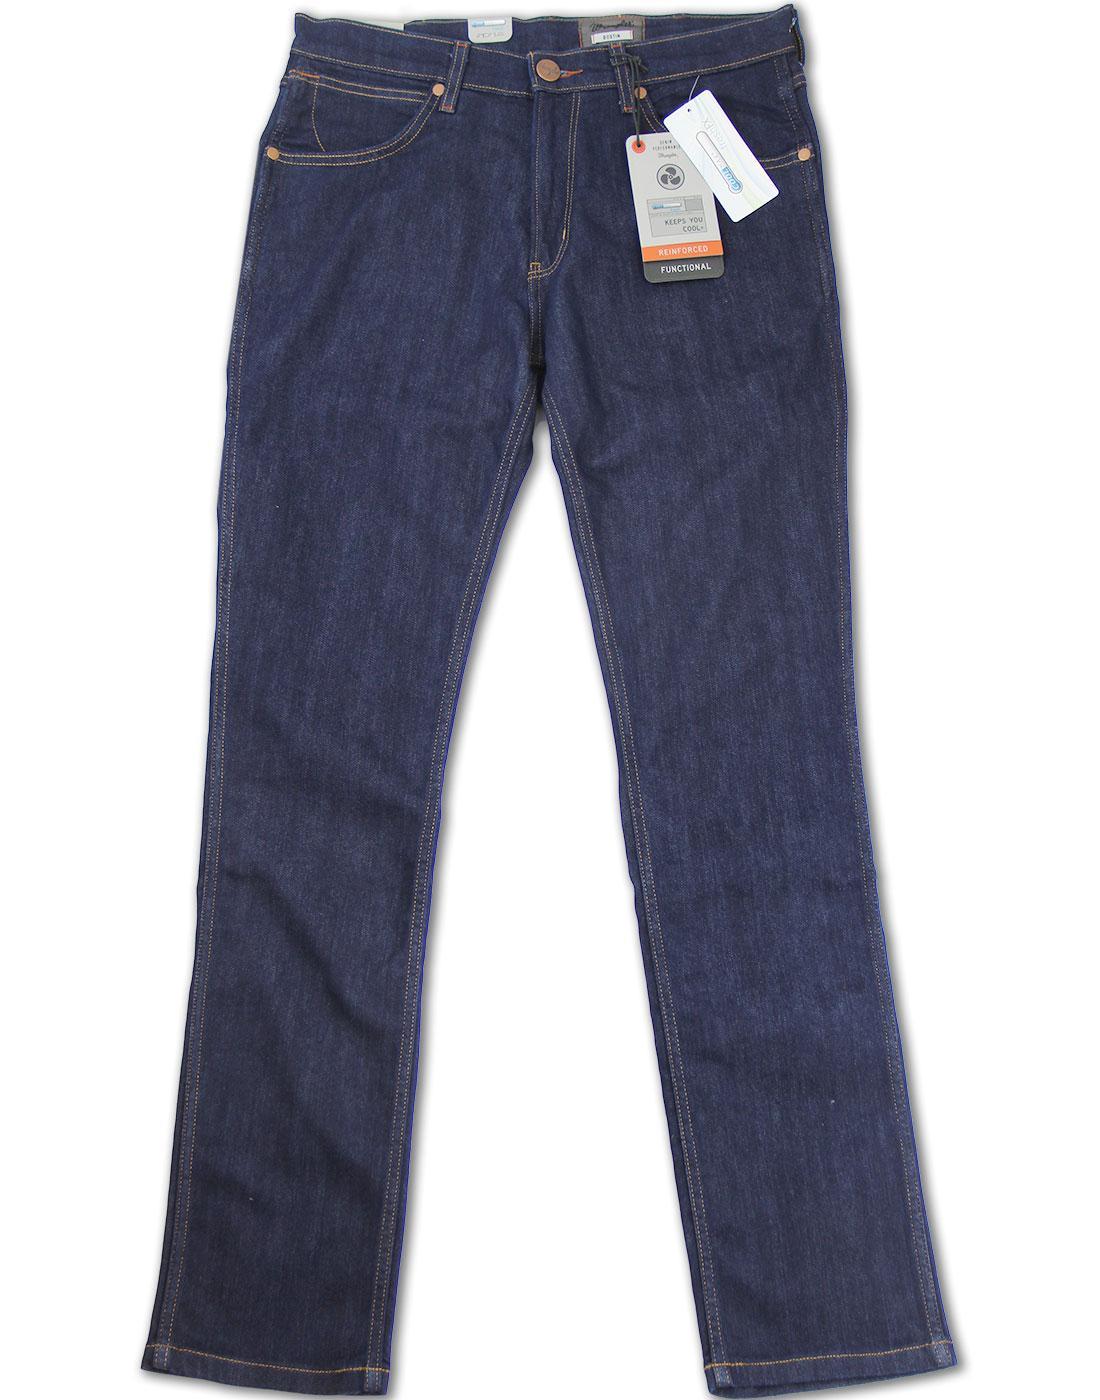 Bostin WRANGLER Retro Coolmax Standard Slim Jeans